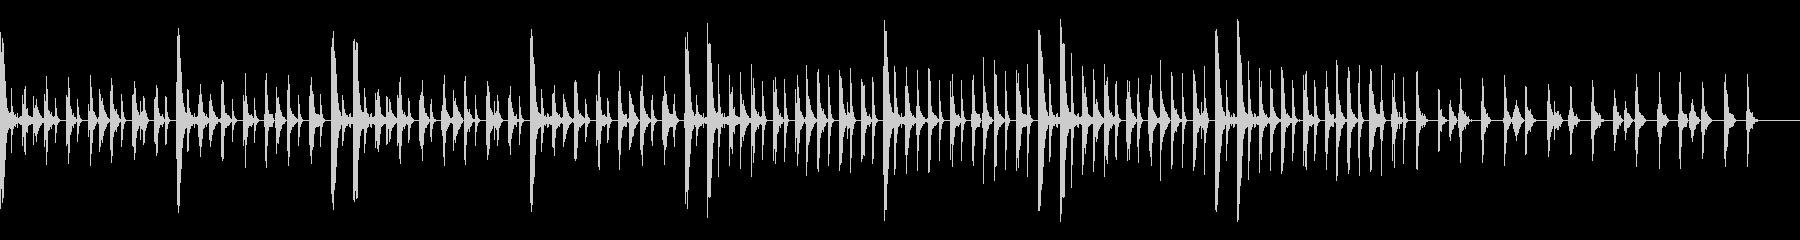 ピコピコしたシンプルでリズミカルな曲の未再生の波形